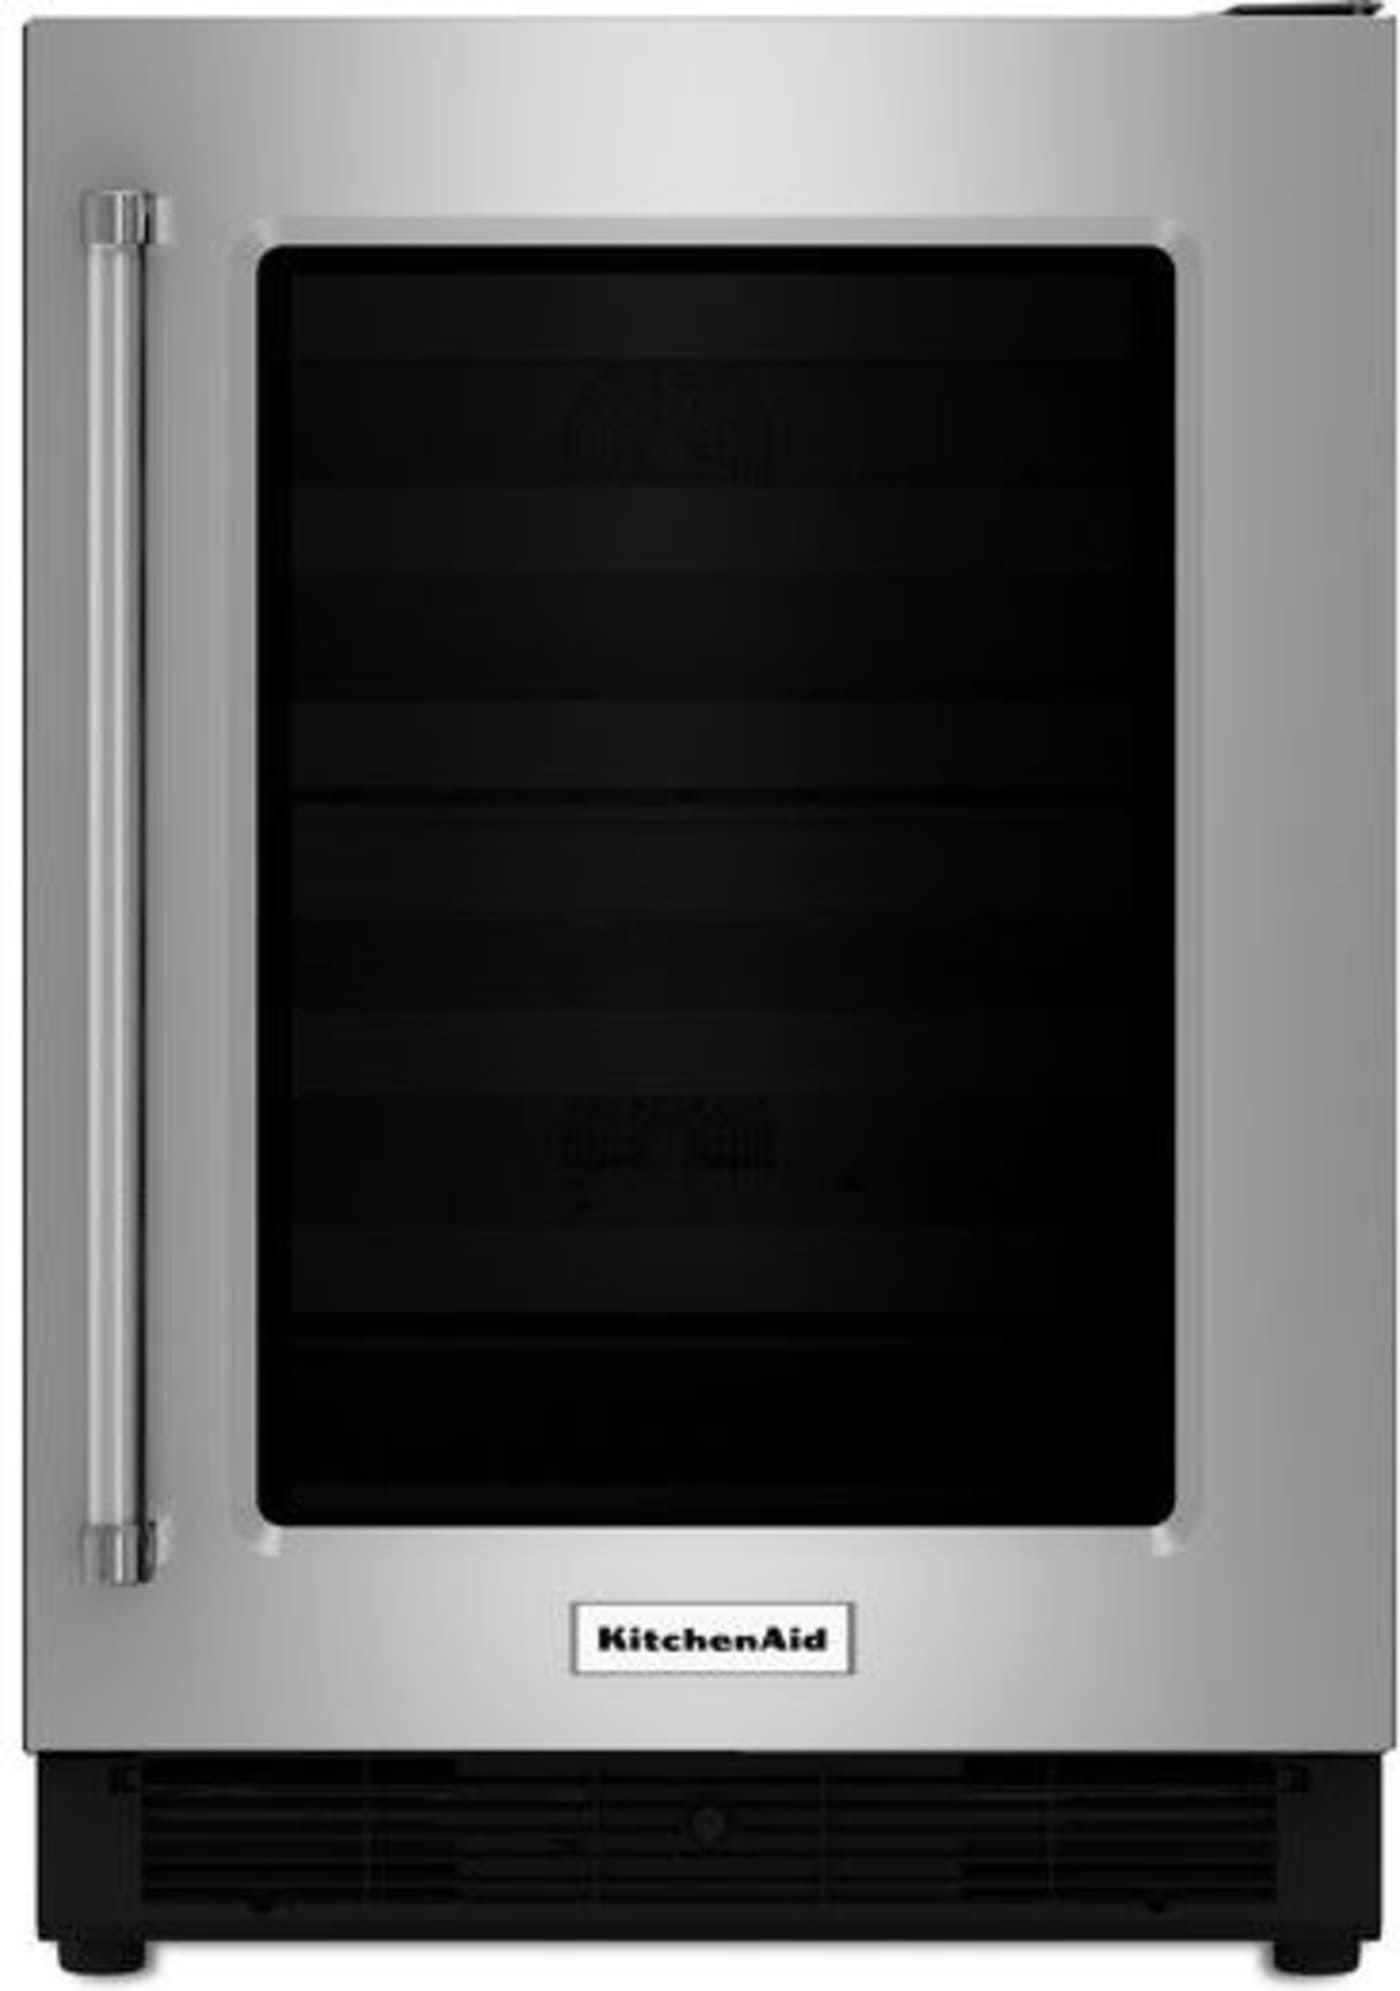 Kitchenaid Kurr204esb Undercounter Refrigerator Stainless Steel Fridge Kitchen Aid